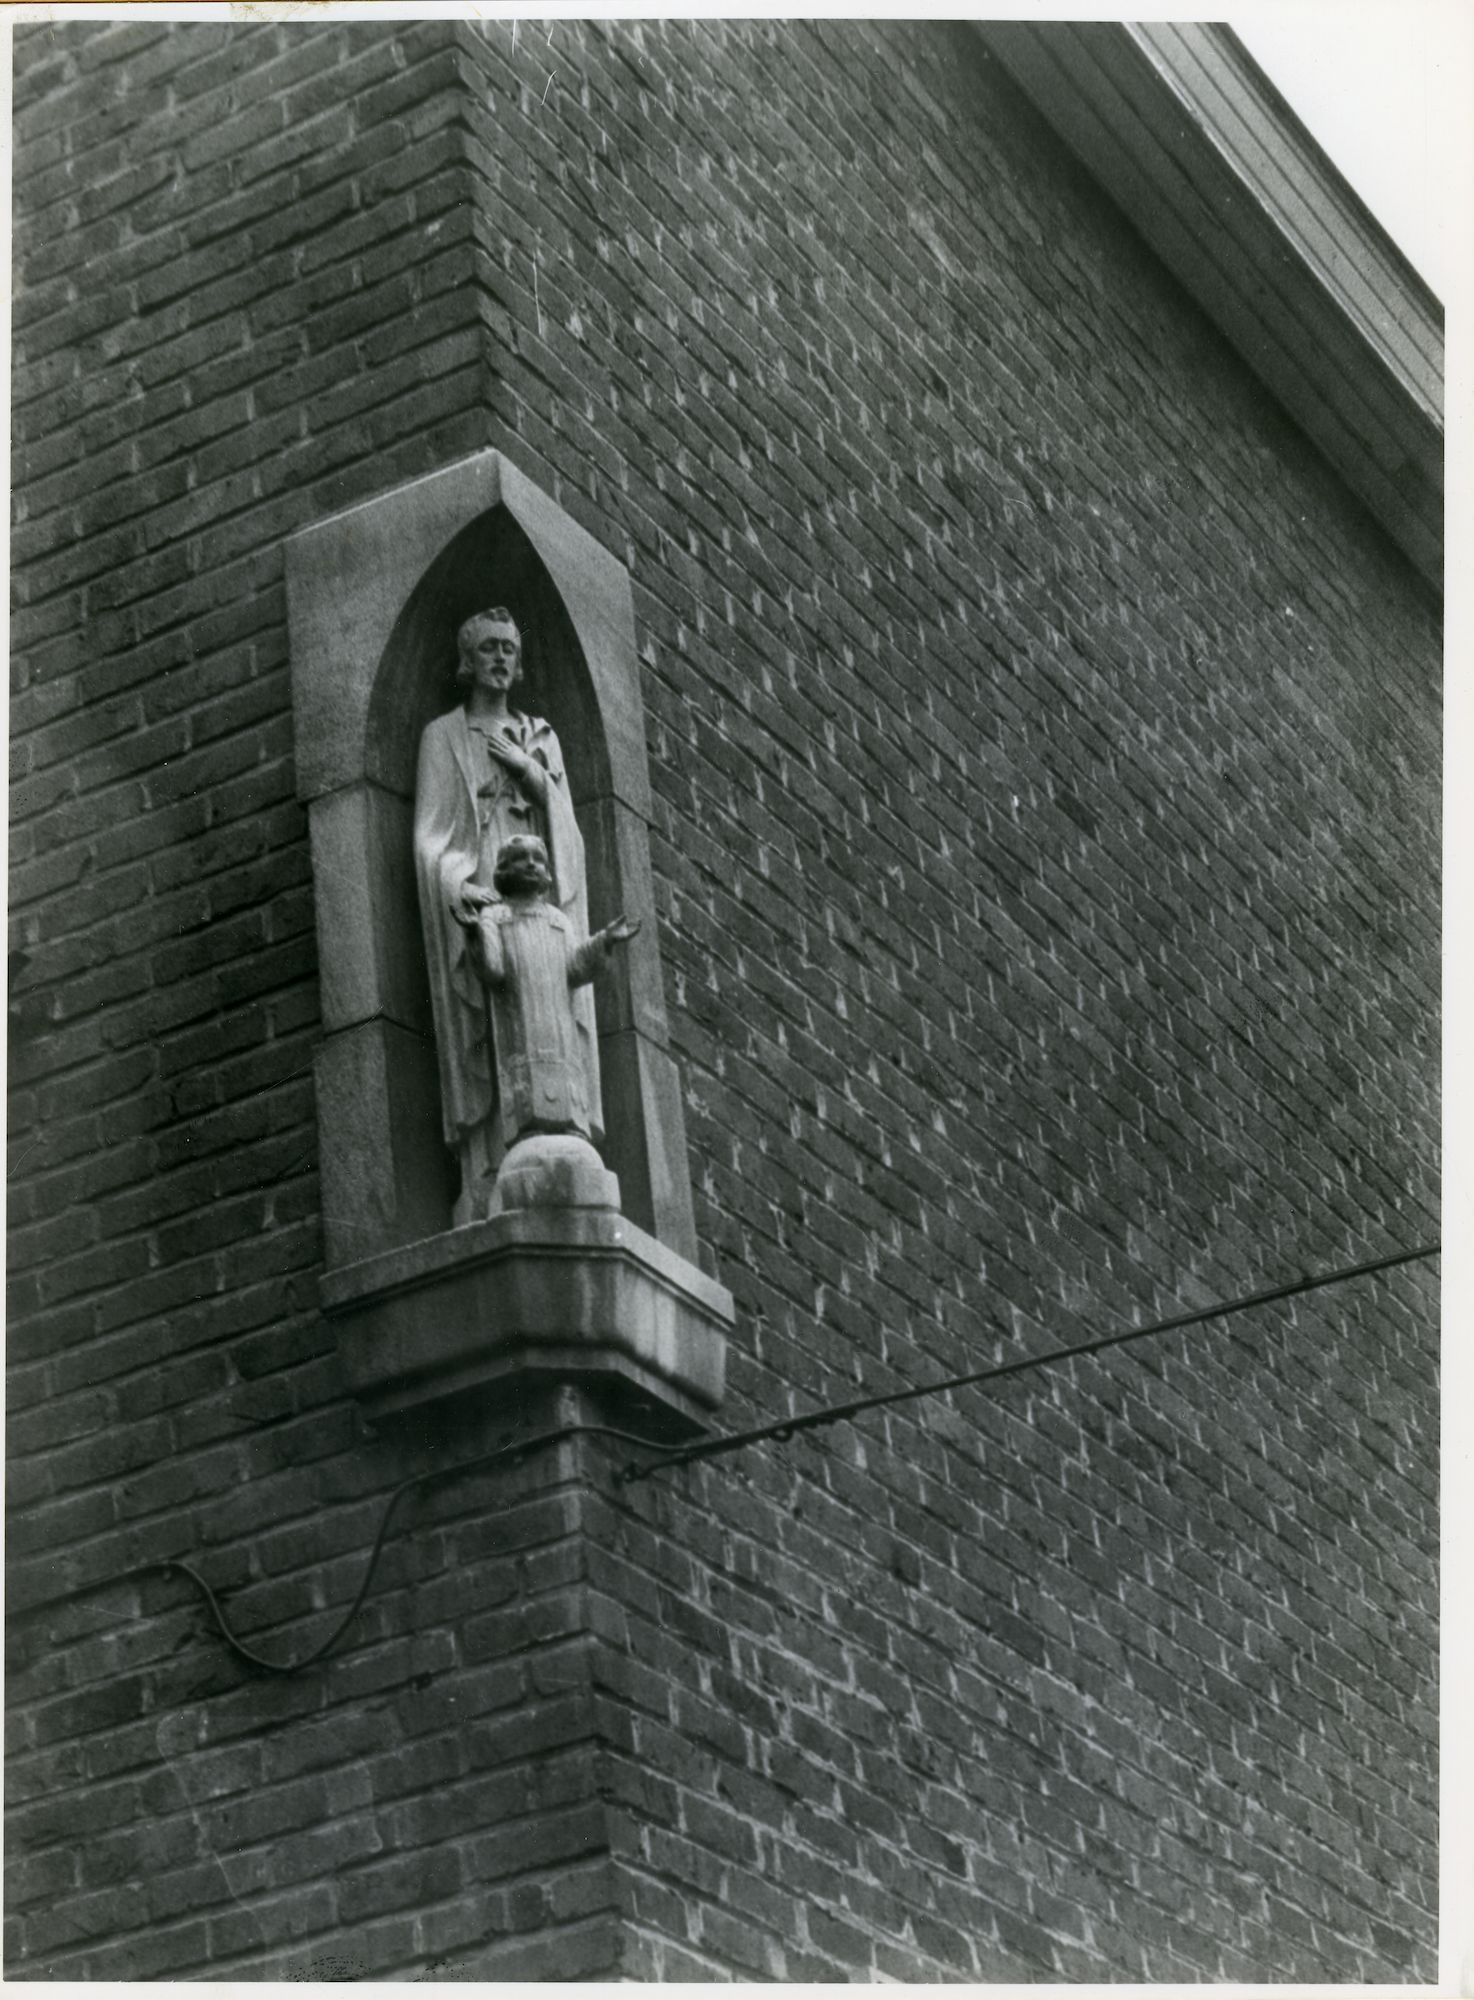 Gentbrugge: Louis Van Houttestraat 52: Gevelbeeld, 1979